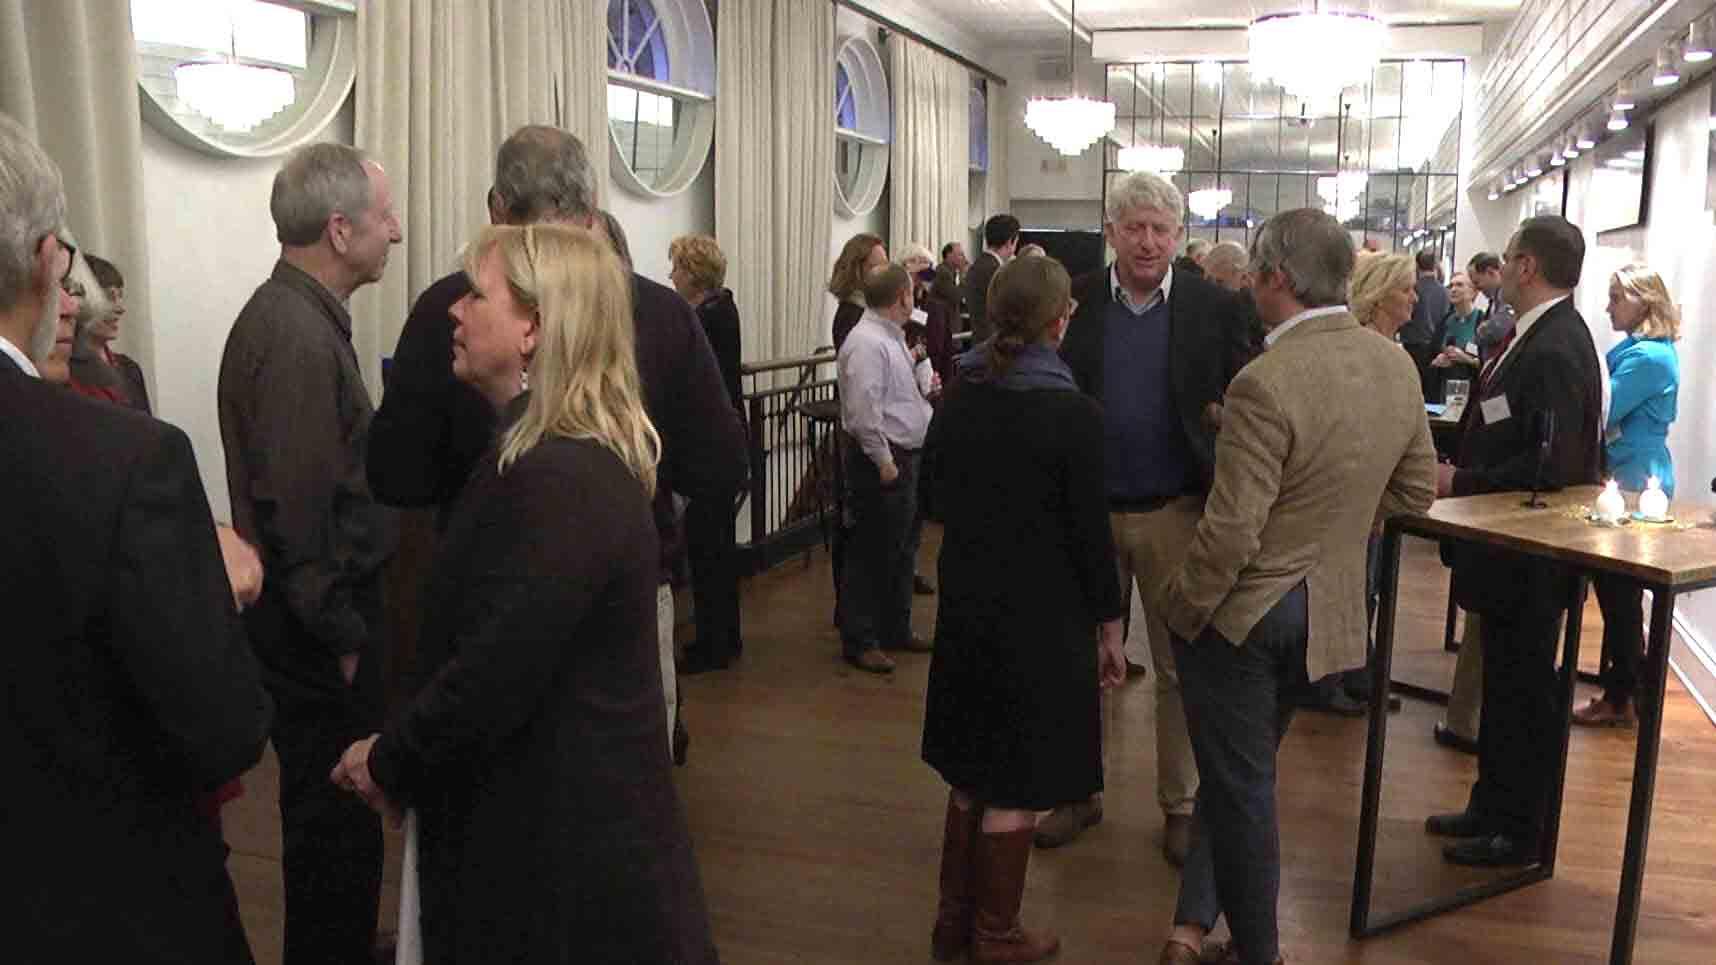 People at Delegate Toscano's send-off celebration.